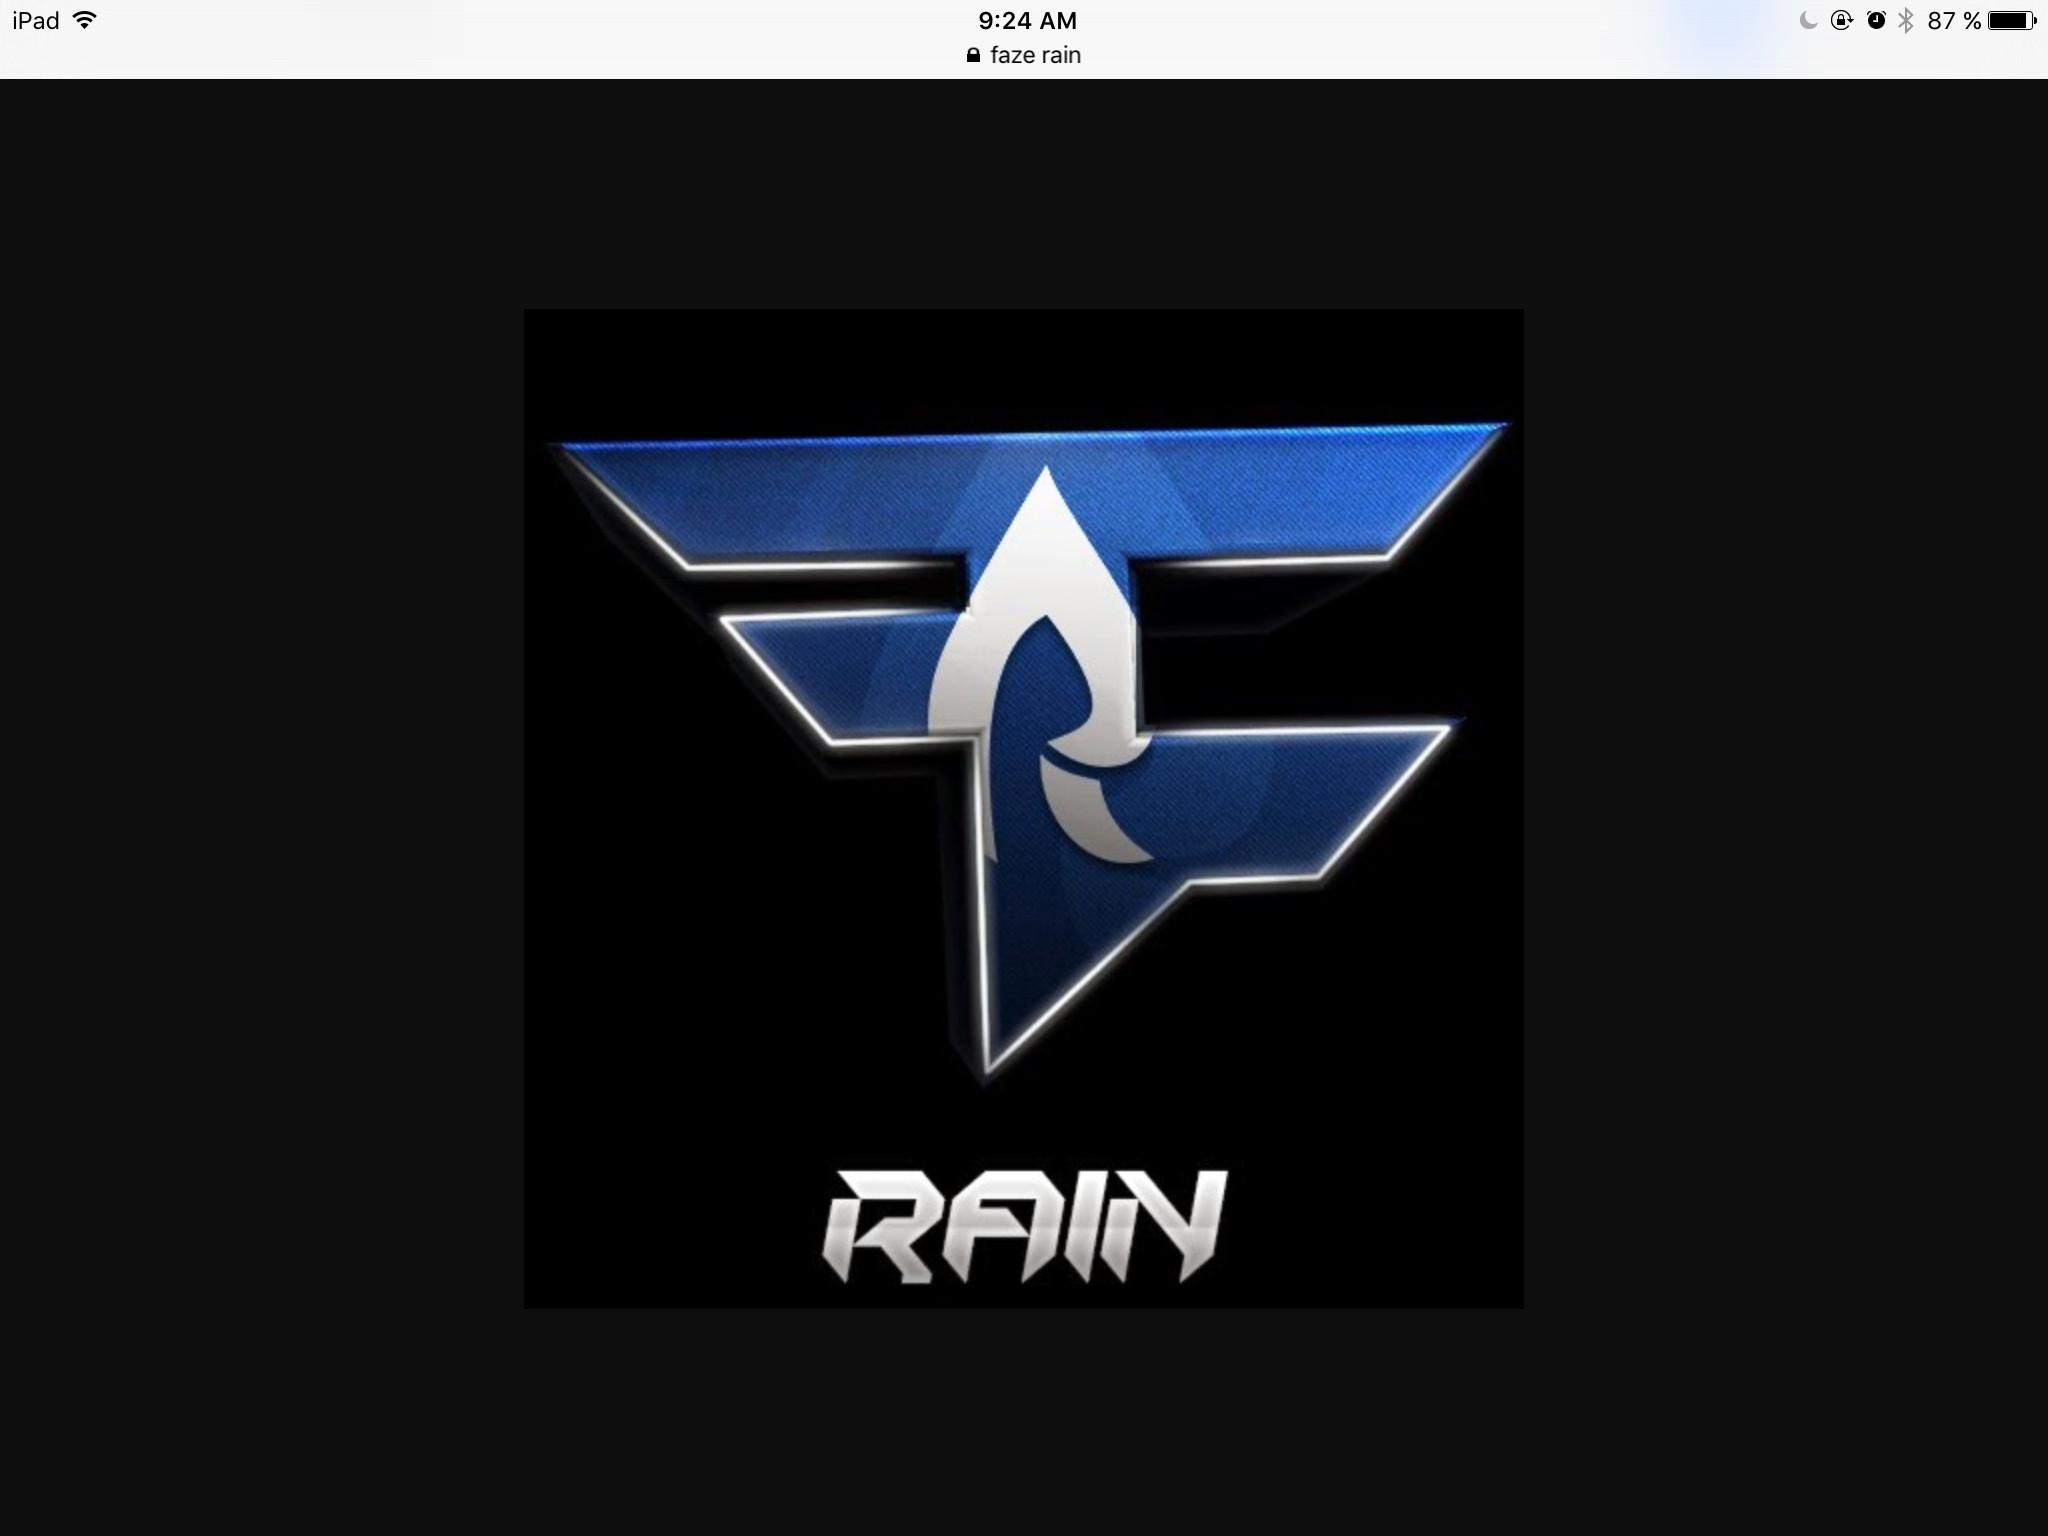 Faze Rain <3